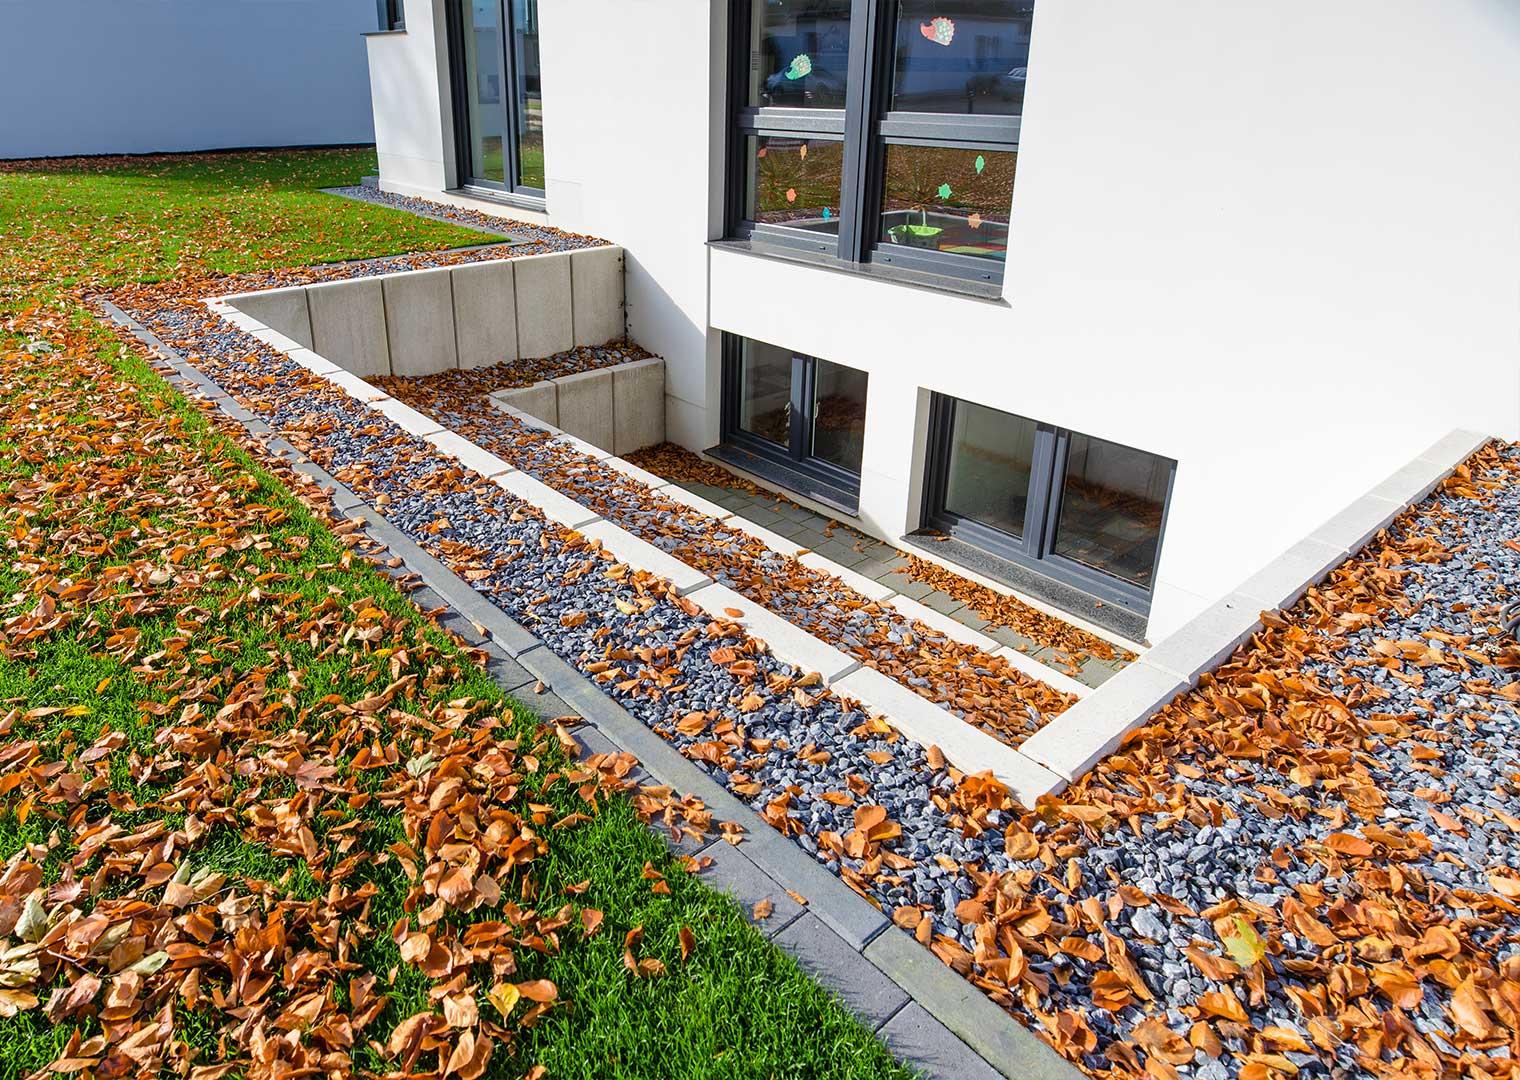 Link zur Bilddatei: Kirchhelle_Referenzen_Privatgarten_mit_Rollrasen_Gaelriebilder_06